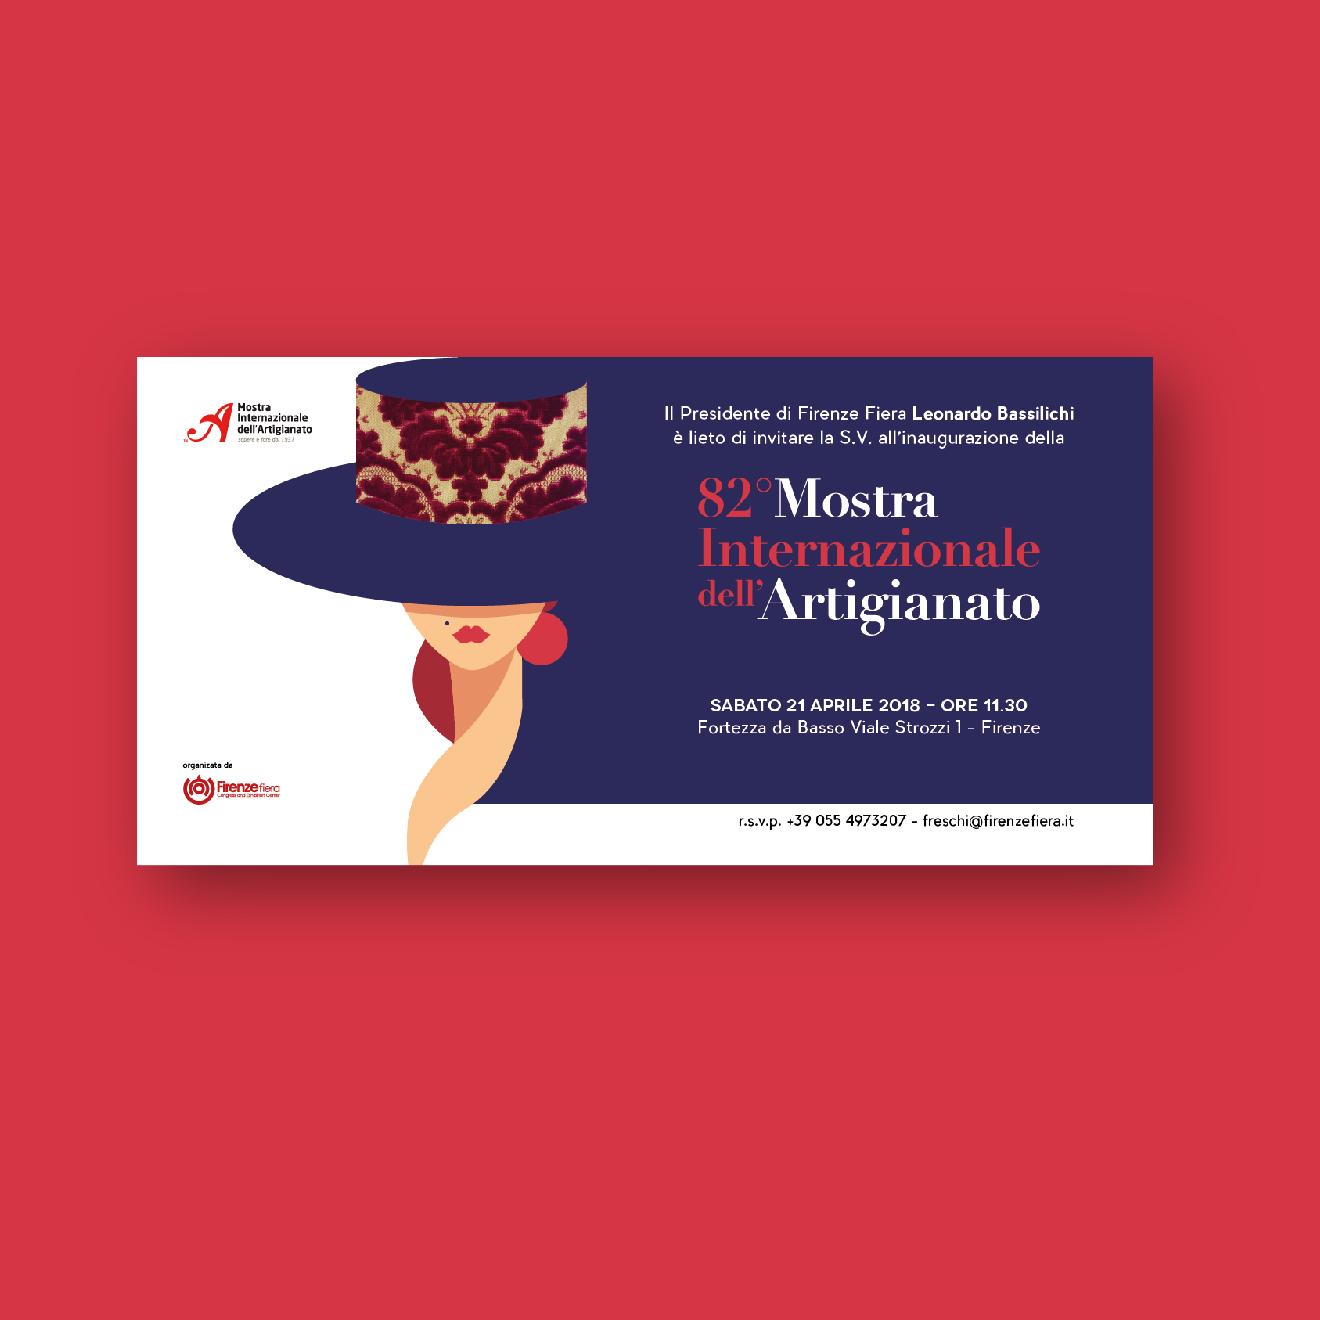 progetto comunicazione - mostra dell'artigianato - manifesto